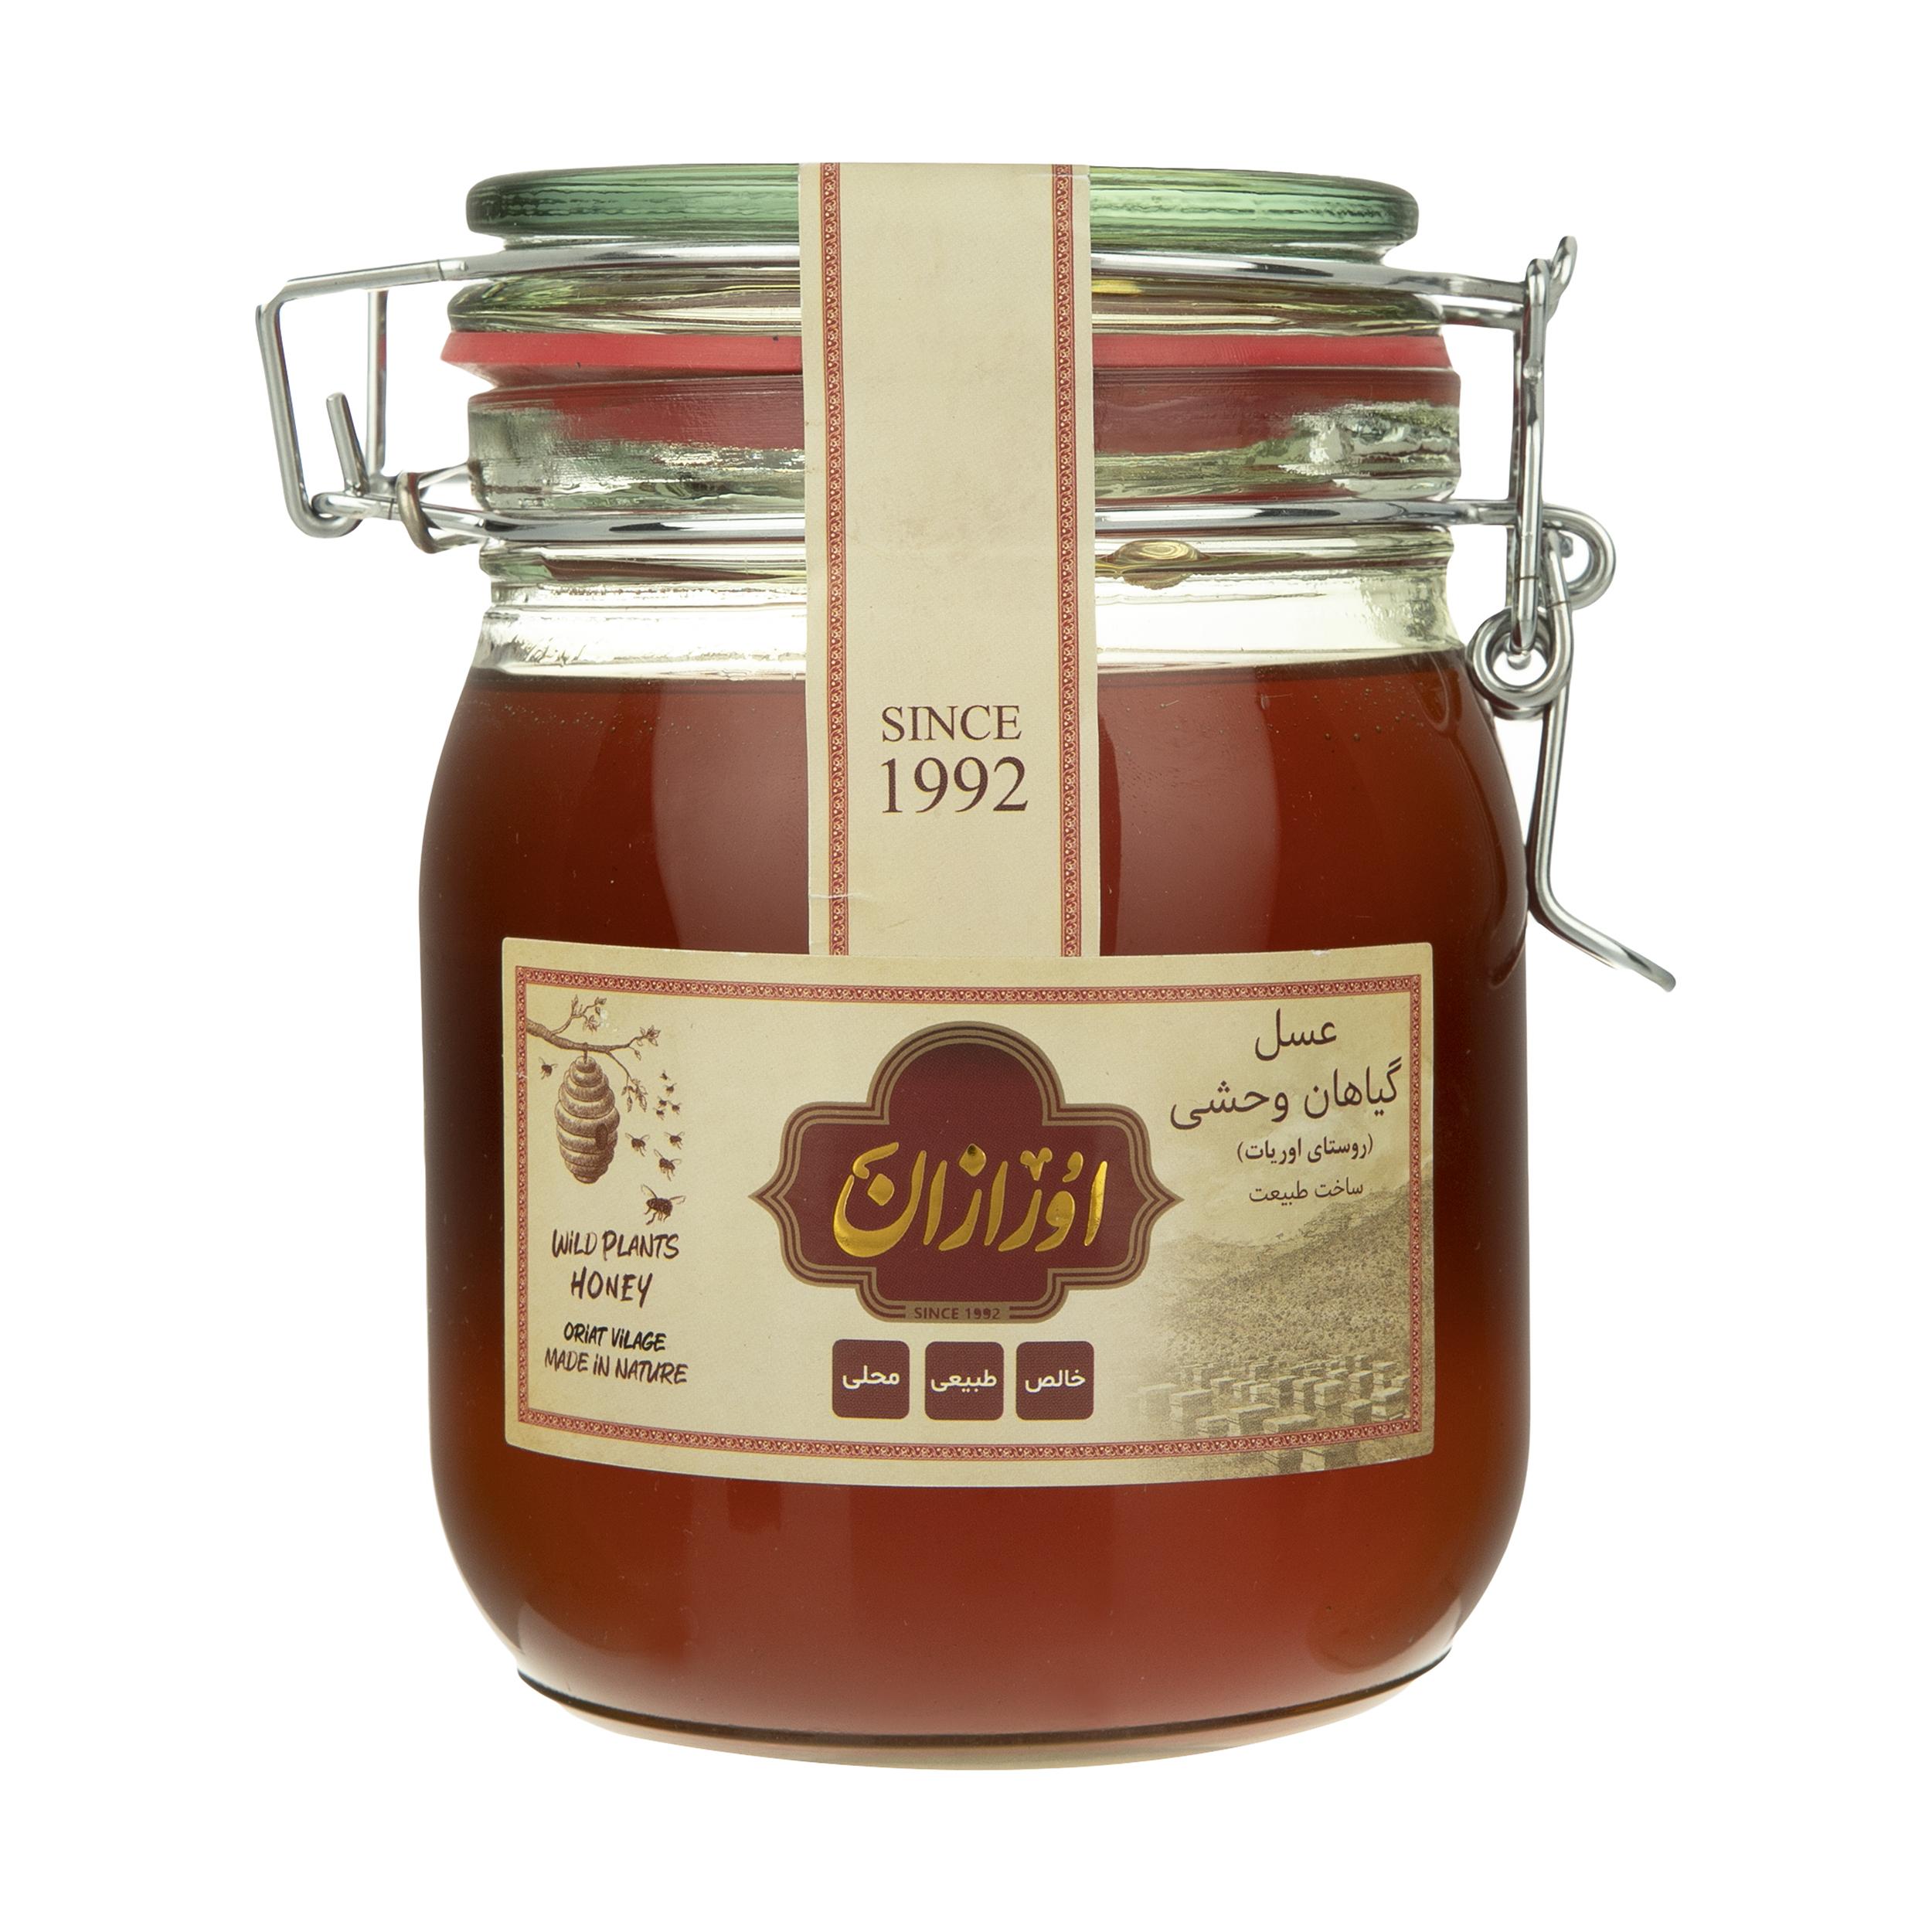 عسل گیاهی وحشی اورگانیک اورازان - 1 کیلوگرم